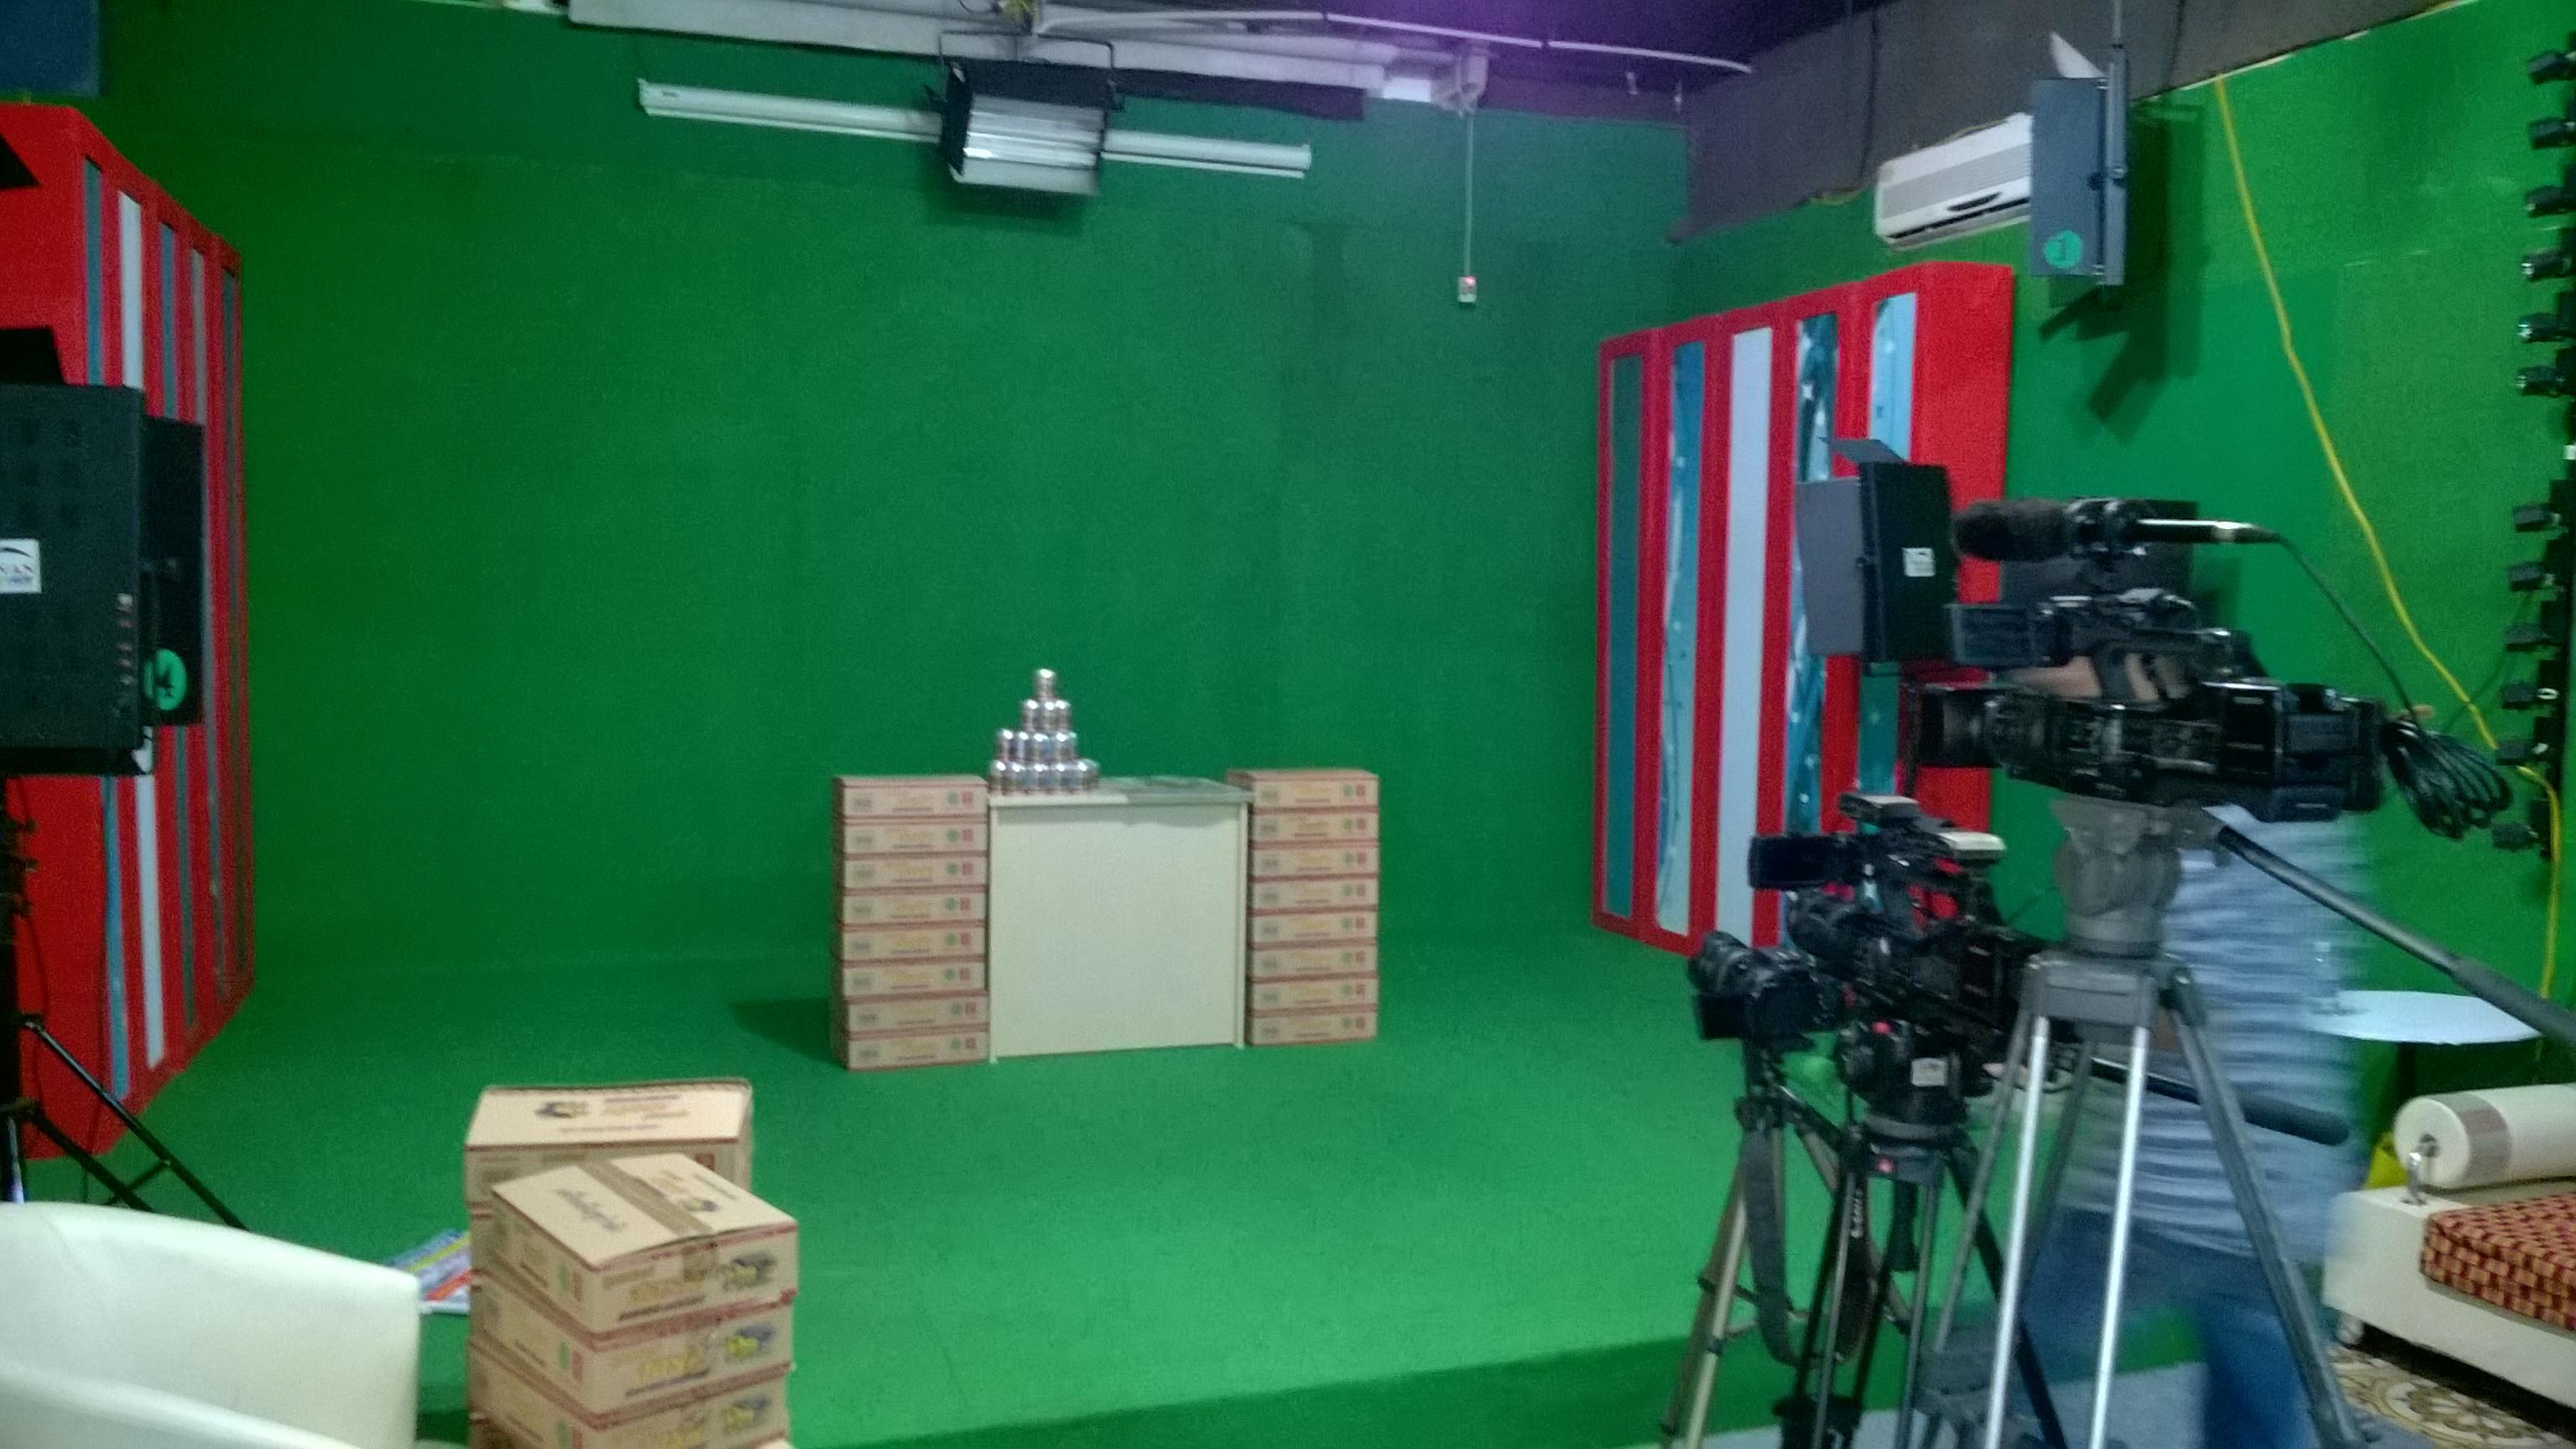 Sản xuất phim quảng cáo sản phẩm chuyên nghiệp